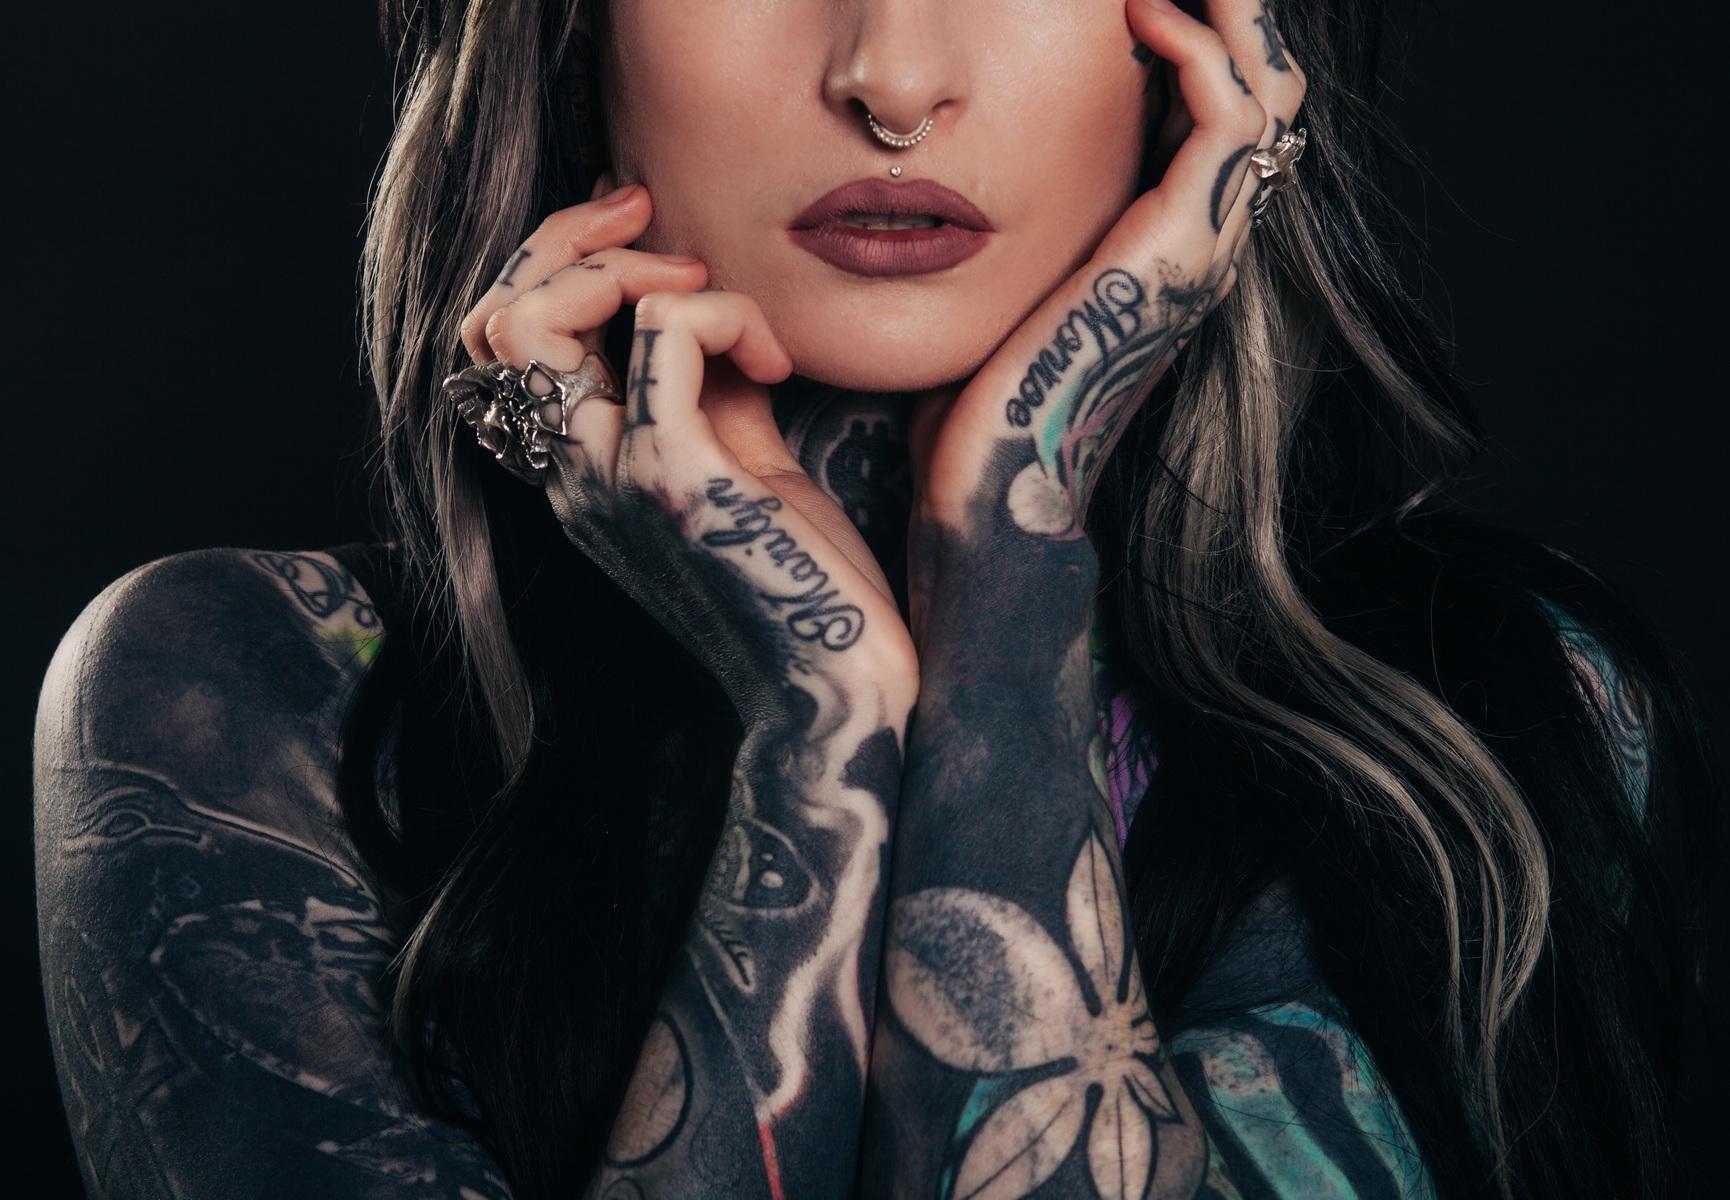 Vaseline on Tattoos